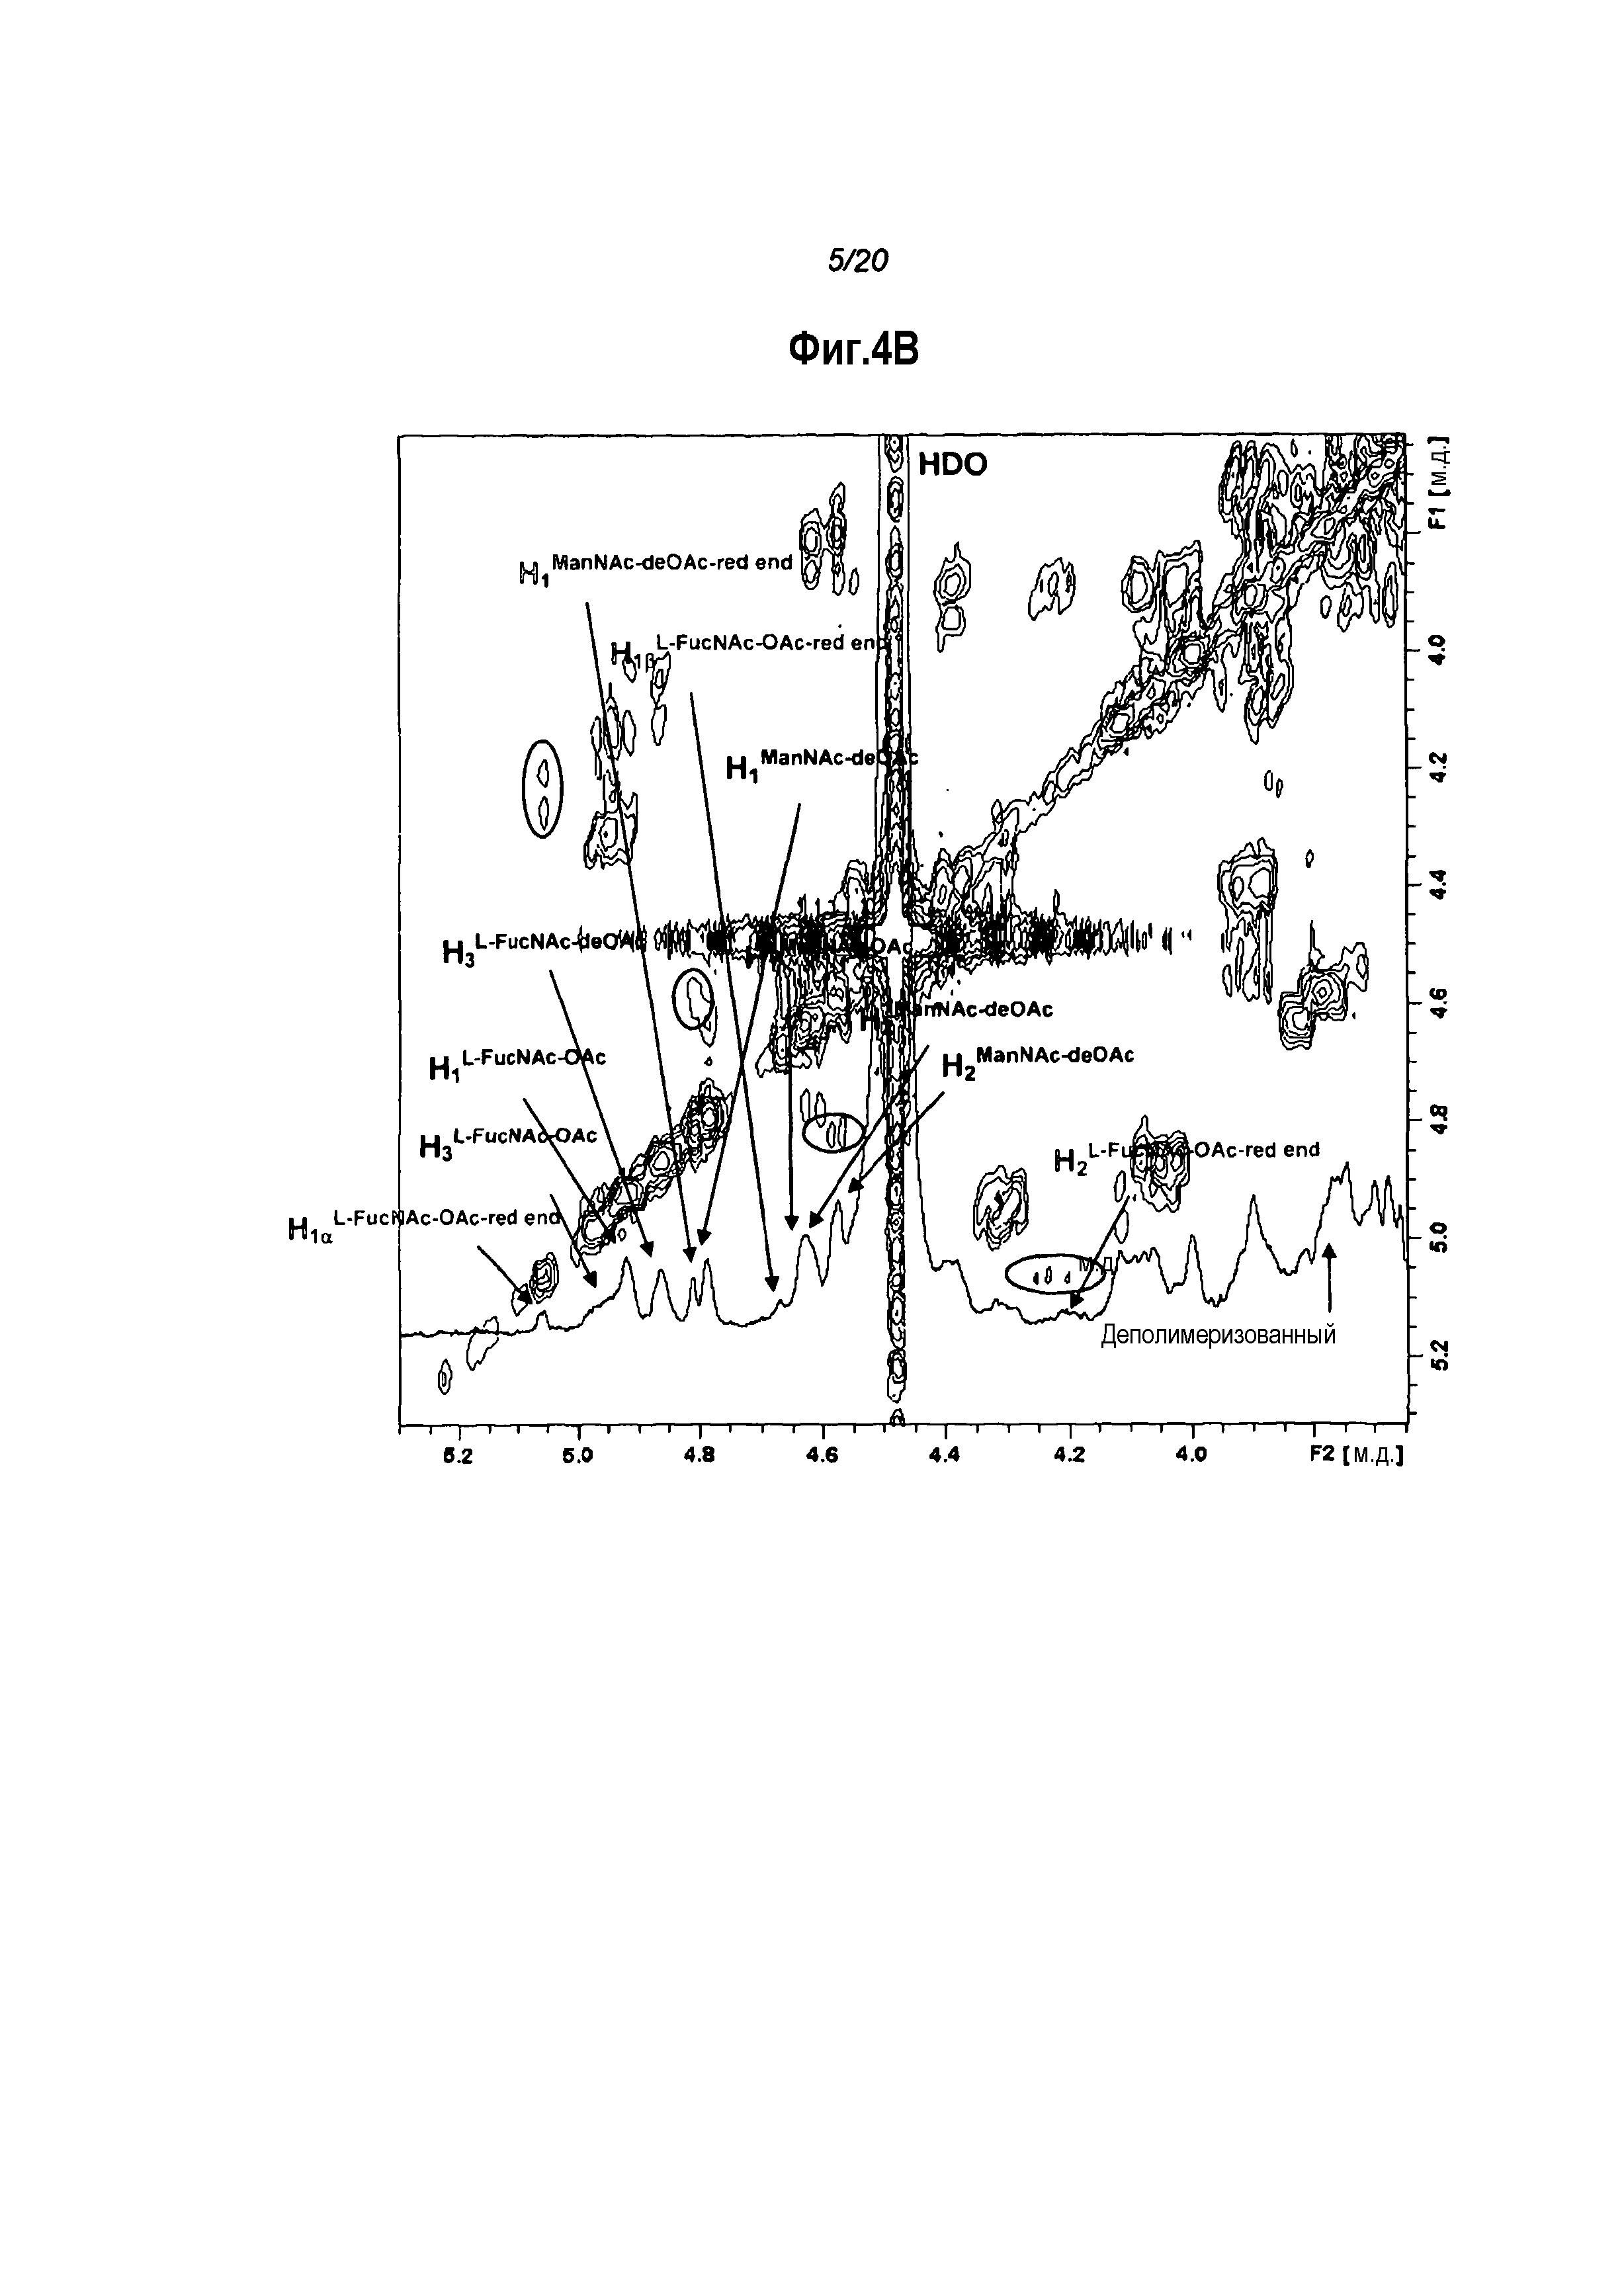 Конъюгация капсульных полисахаридов staphylococcus aureus типа 5 и типа 8